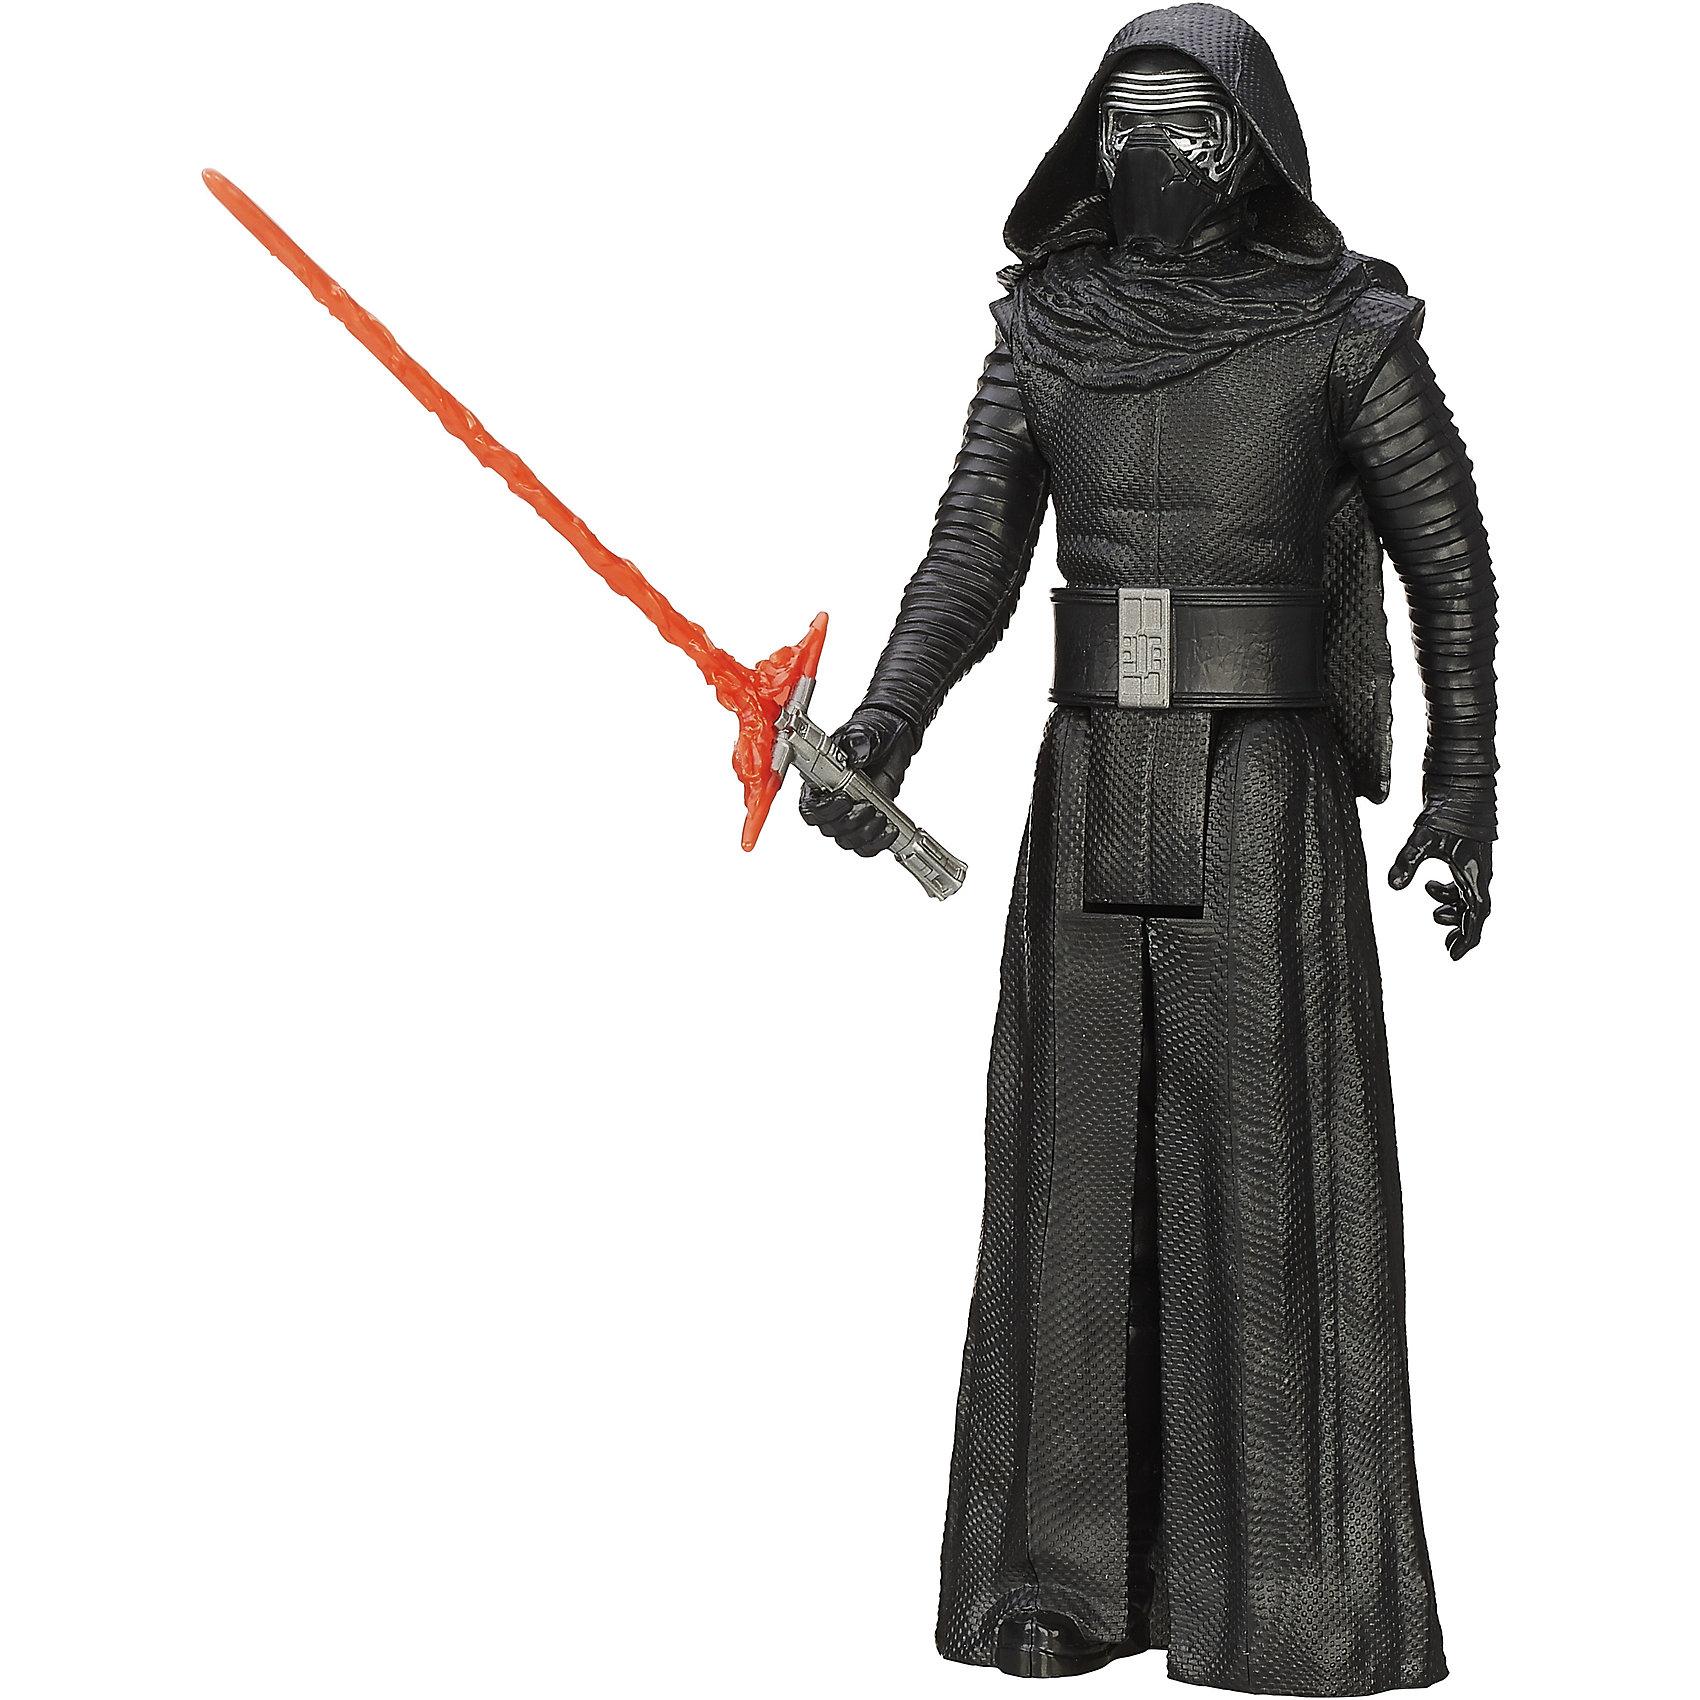 Титаны: Кайло Рен, Герои вселенной, Звездные ВойныФигурка Кайло Рена от Hasbro, станет приятным сюрпризом для вашего ребенка, особенно если он является поклонником популярной фантастической киносаги Star Wars. Фигурка выполнена из высококачественного пластика, прекрасно детализирована и реалистично раскрашена. Теперь можно разыгрывать по-настоящему масштабные сражения с любимыми персонажами. У фигурки подвижные части тела с 5 точками артикуляции, что позволяет придать ей любую позу. <br><br>Дополнительная информация:  <br><br>- В комплекте: 1 фигурка, 1 оружие.<br>- Материал: пластик. <br>- Высота фигурки: 30 см. <br>- Размер упаковки: 30,5 х 5 х 10 см.   <br>- Голова, руки, ноги подвижные.<br><br>Фигурку Титаны: Кайло Рен, Герои вселенной, Звездные Войны (Star Wars), можно купить в нашем интернет-магазине.<br><br>Ширина мм: 309<br>Глубина мм: 102<br>Высота мм: 57<br>Вес г: 328<br>Возраст от месяцев: 48<br>Возраст до месяцев: 96<br>Пол: Мужской<br>Возраст: Детский<br>SKU: 4702908